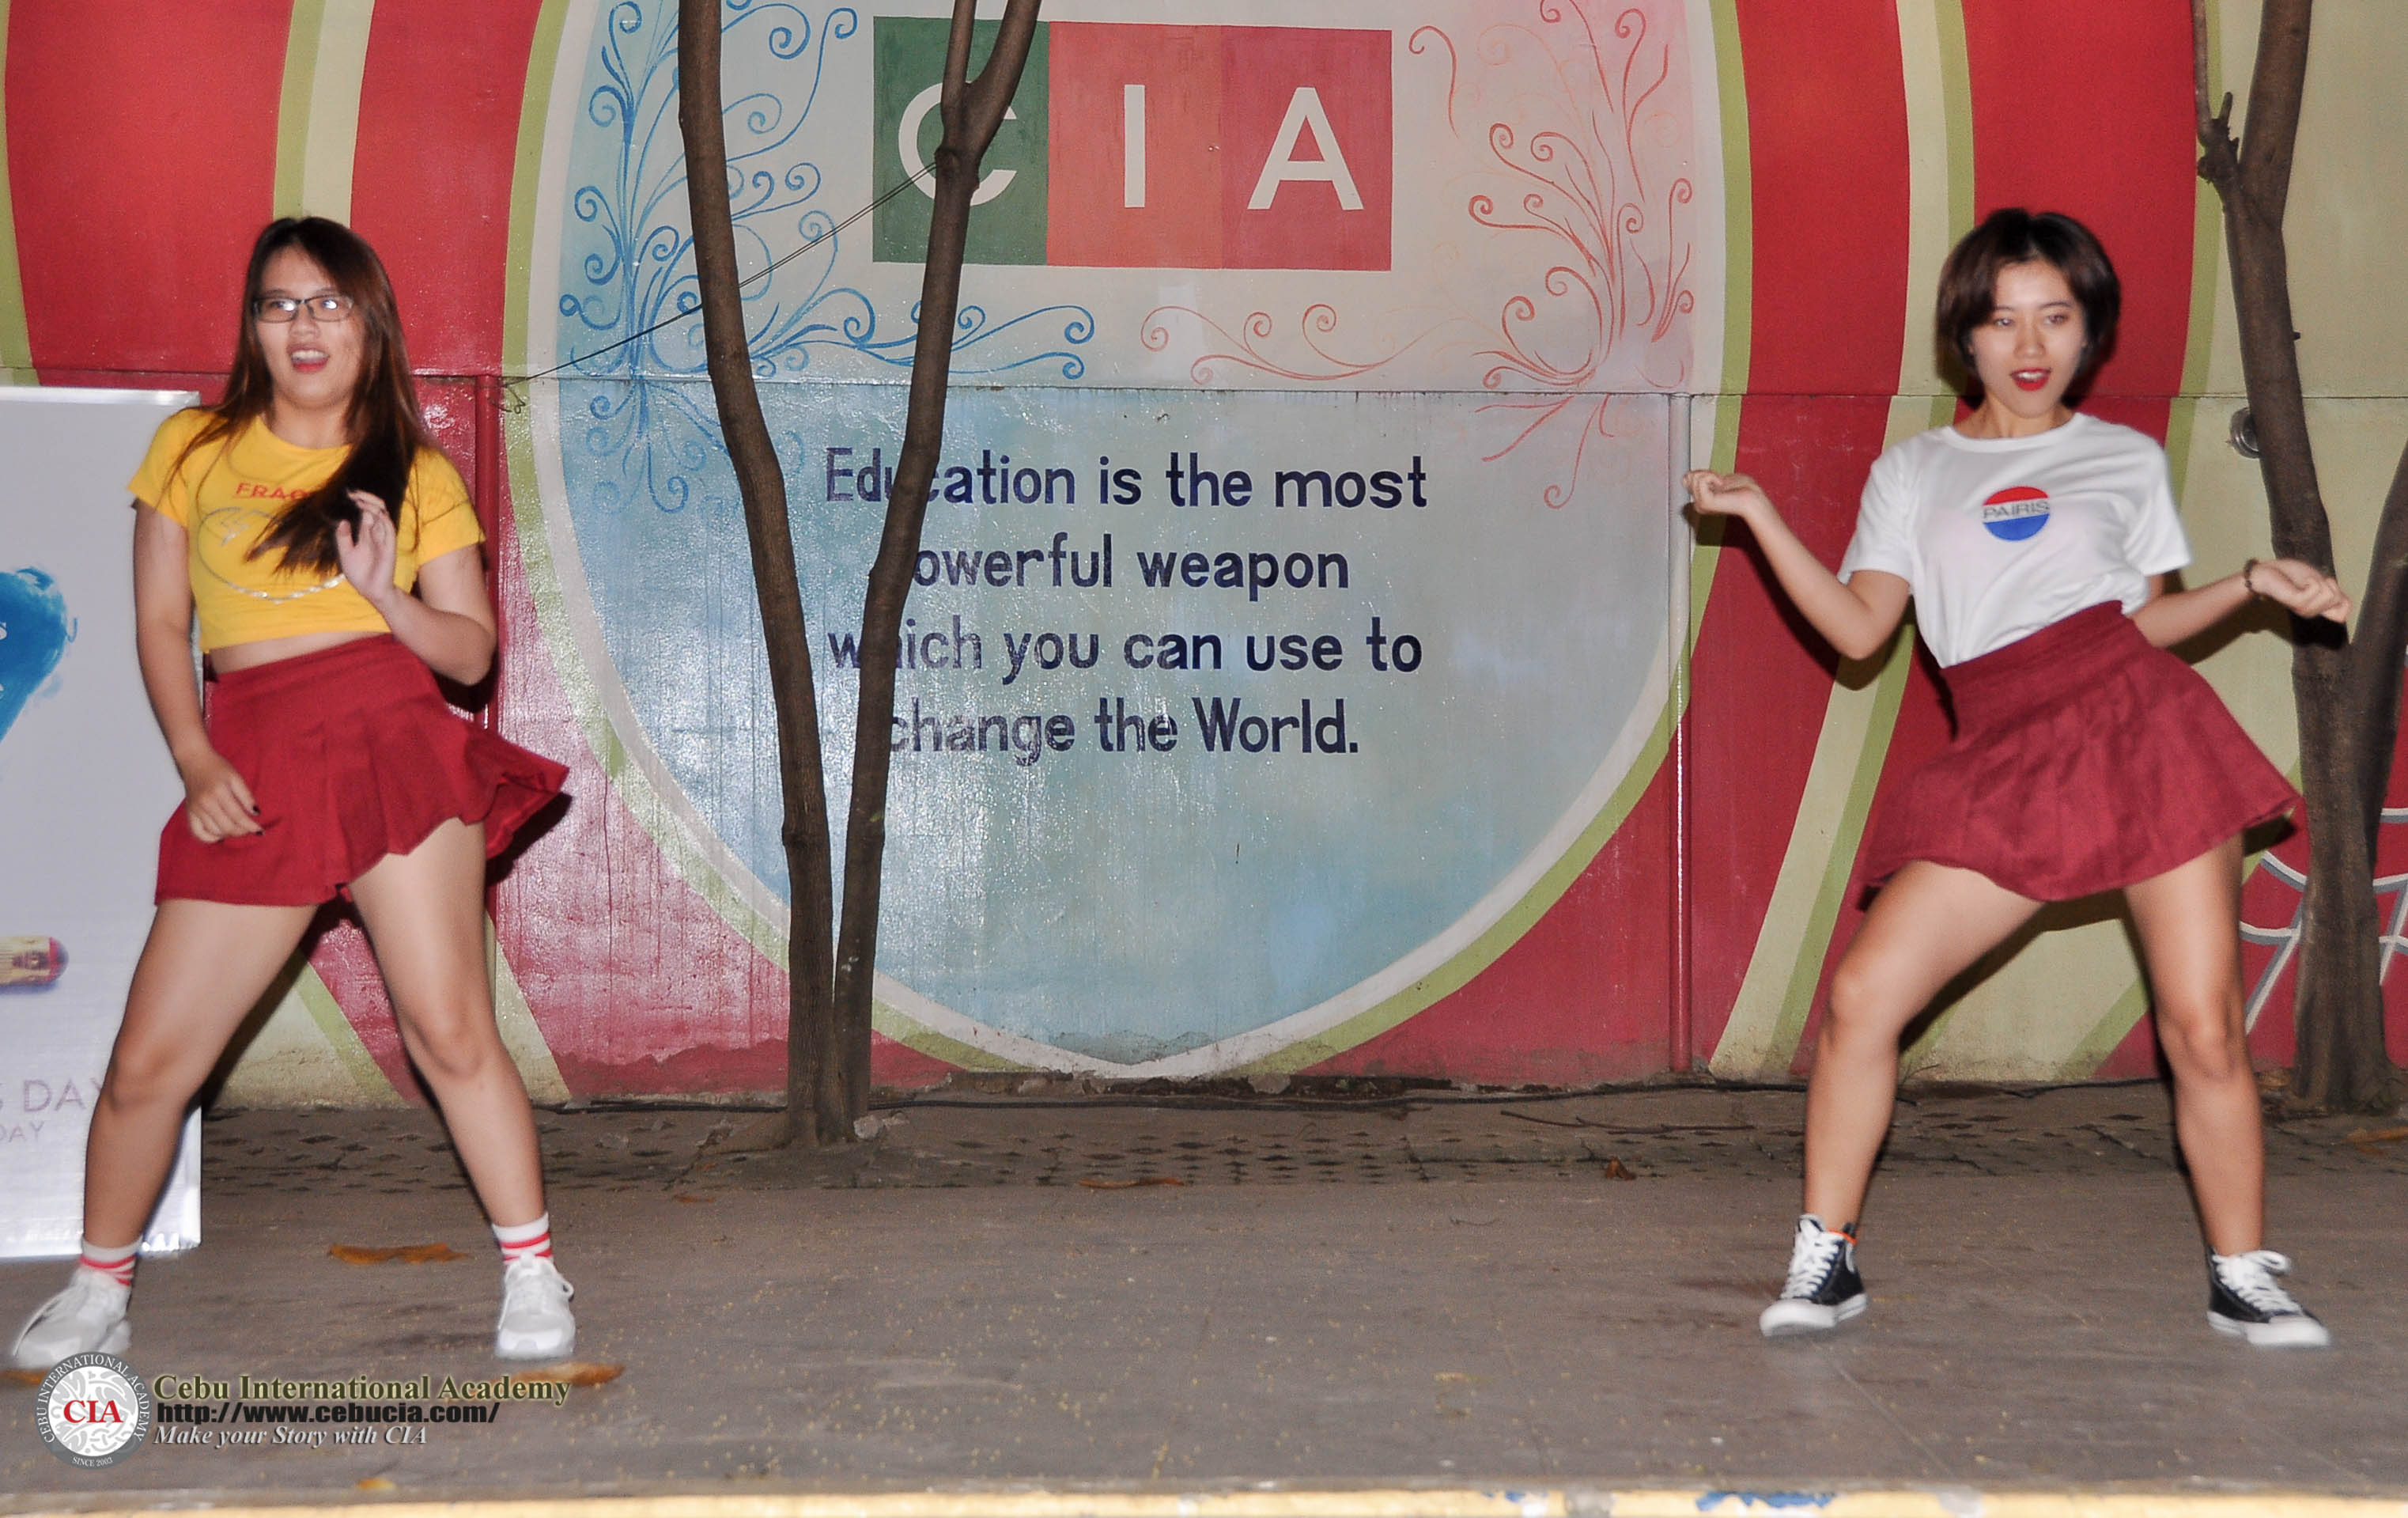 Đại diện từ Việt Nam Krystal Diệu Ngân và Cherry Nhật Hà tham gia tiết mục nhảy hiện đại